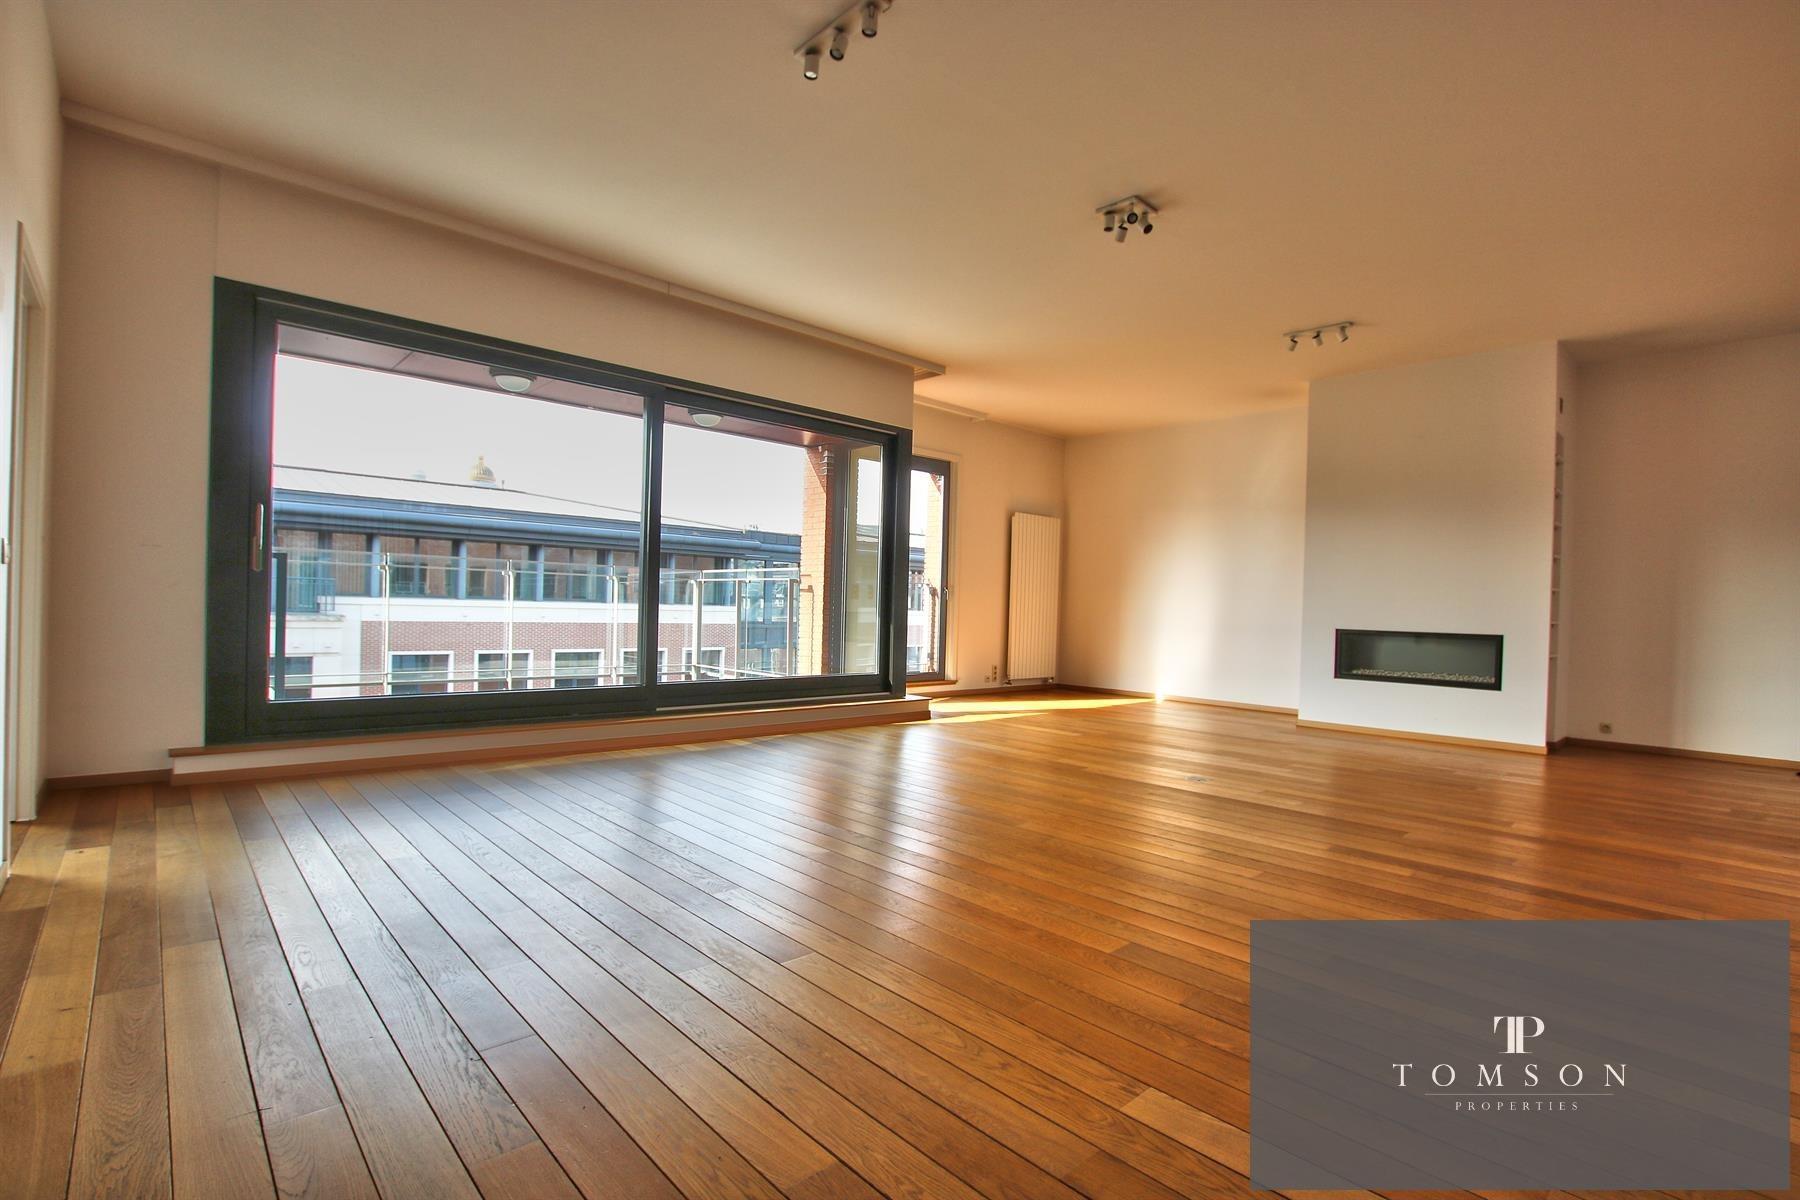 Appartement exceptionnel - Ixelles - #4533638-0